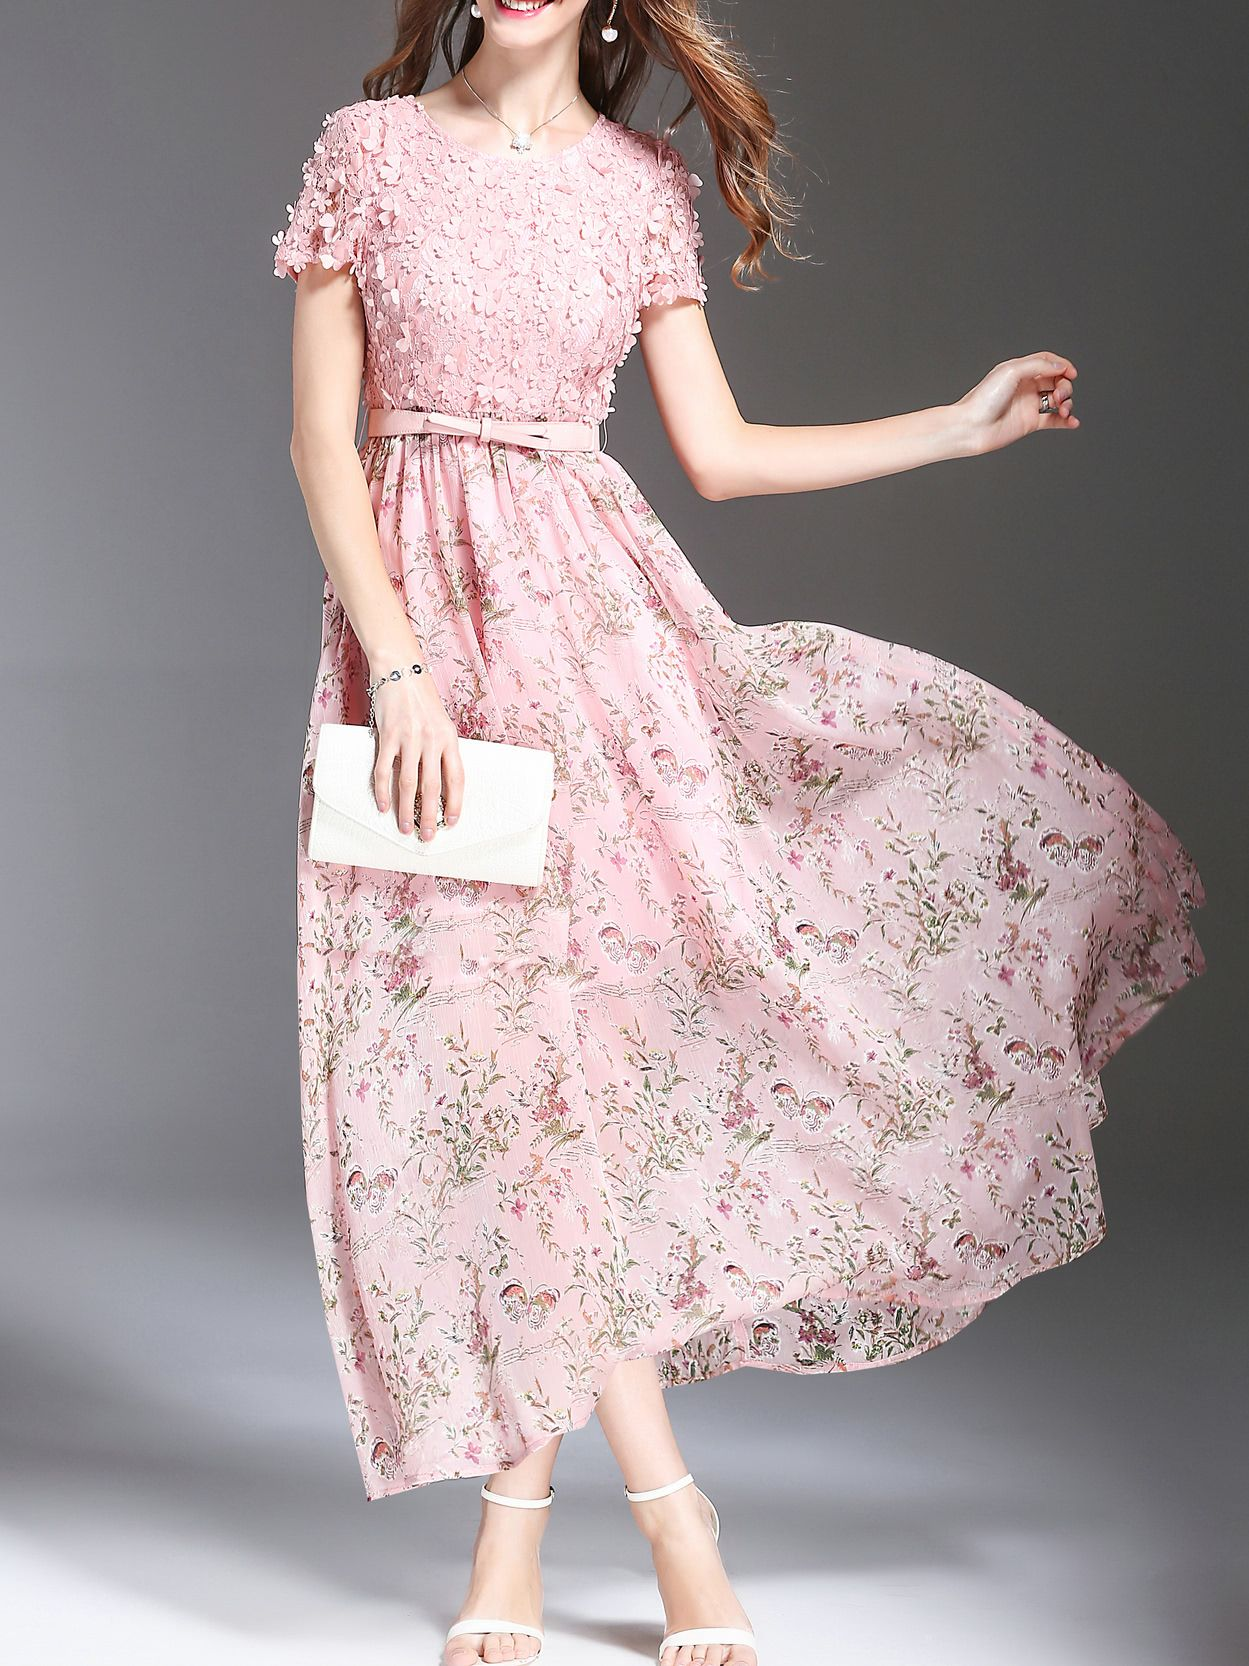 Flowers Applique Beading Floral Dress  Women long dresses